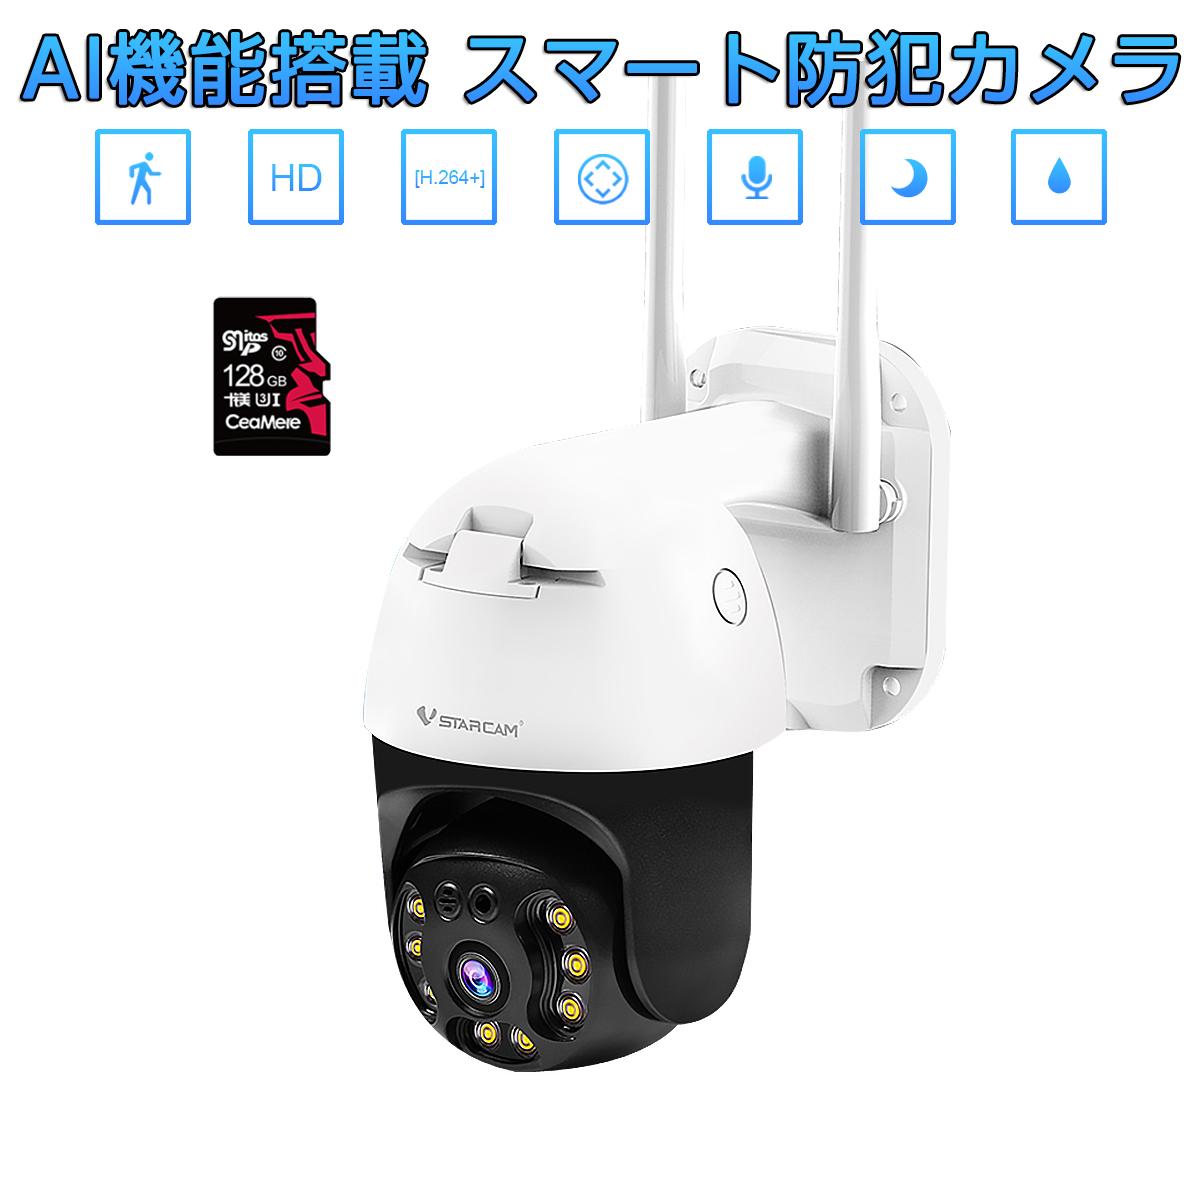 防犯カメラ ワイヤレス CS64 SDカード128GB同梱モデル VStarcam 2K 1296p 300万画素 夜でもフルカラー録画 人体検知 動体検知 ONVIF対応 ペット wifi 無線 APモード MicroSDカード録画 録音 遠隔監視 ネットワーク 屋内外兼用 IP カメラ 宅配便送料無料 PSE 技適 6ヶ月保証